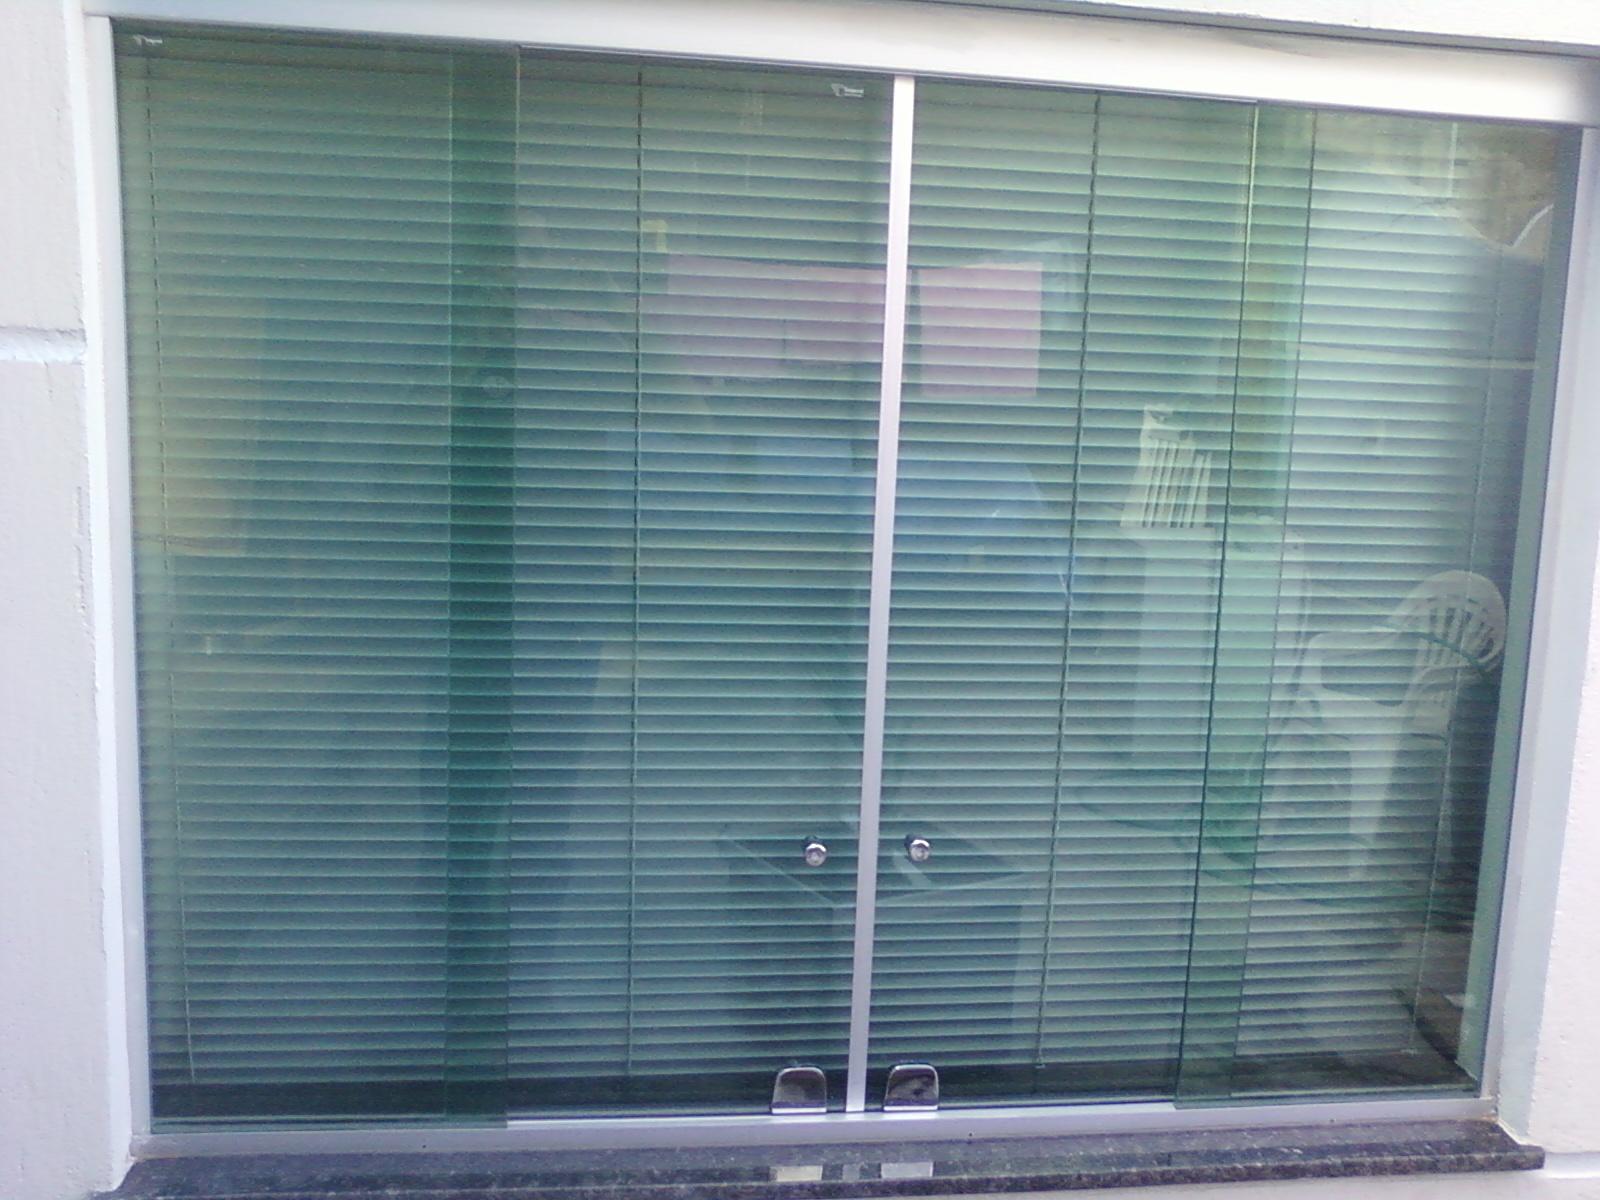 #3C4D61 janela blindex kit aluminio natural fosco vidro verde com ferragens  24 Janelas De Vidro Com Preço